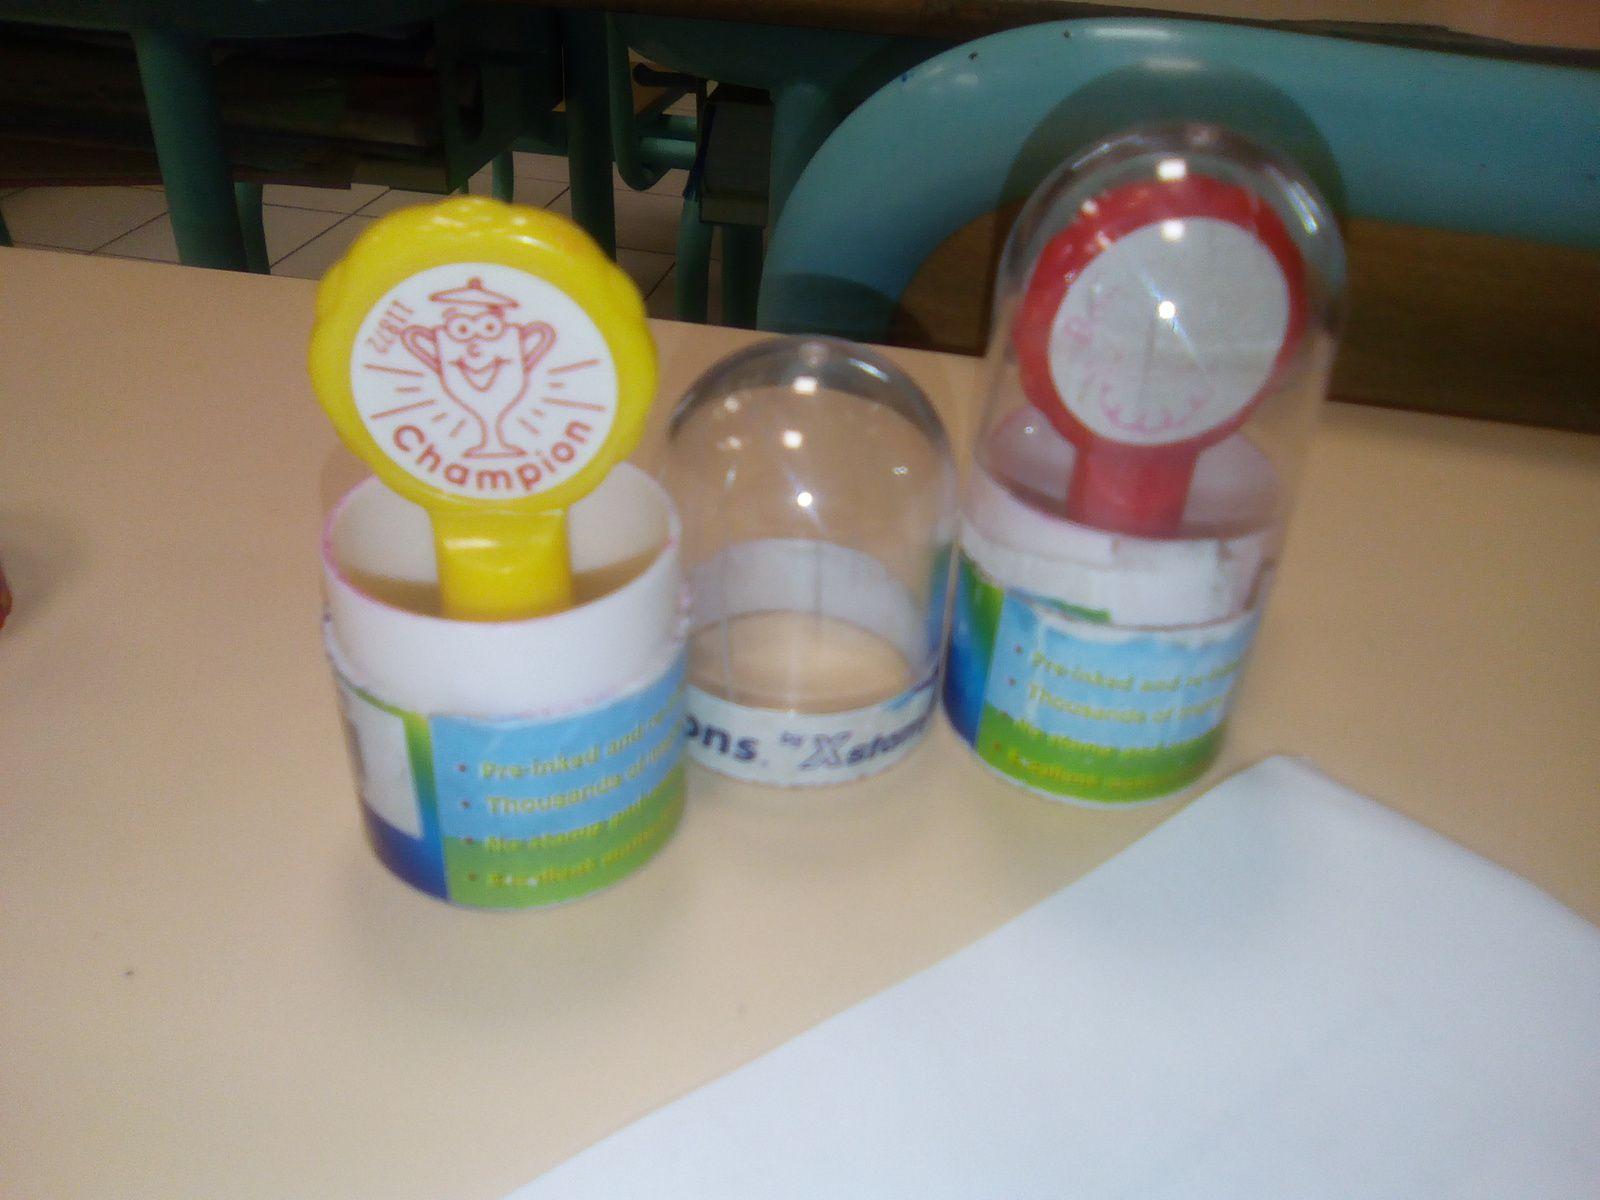 Deux nouveaux arrivés dans la classe: tampons auto-encreurs